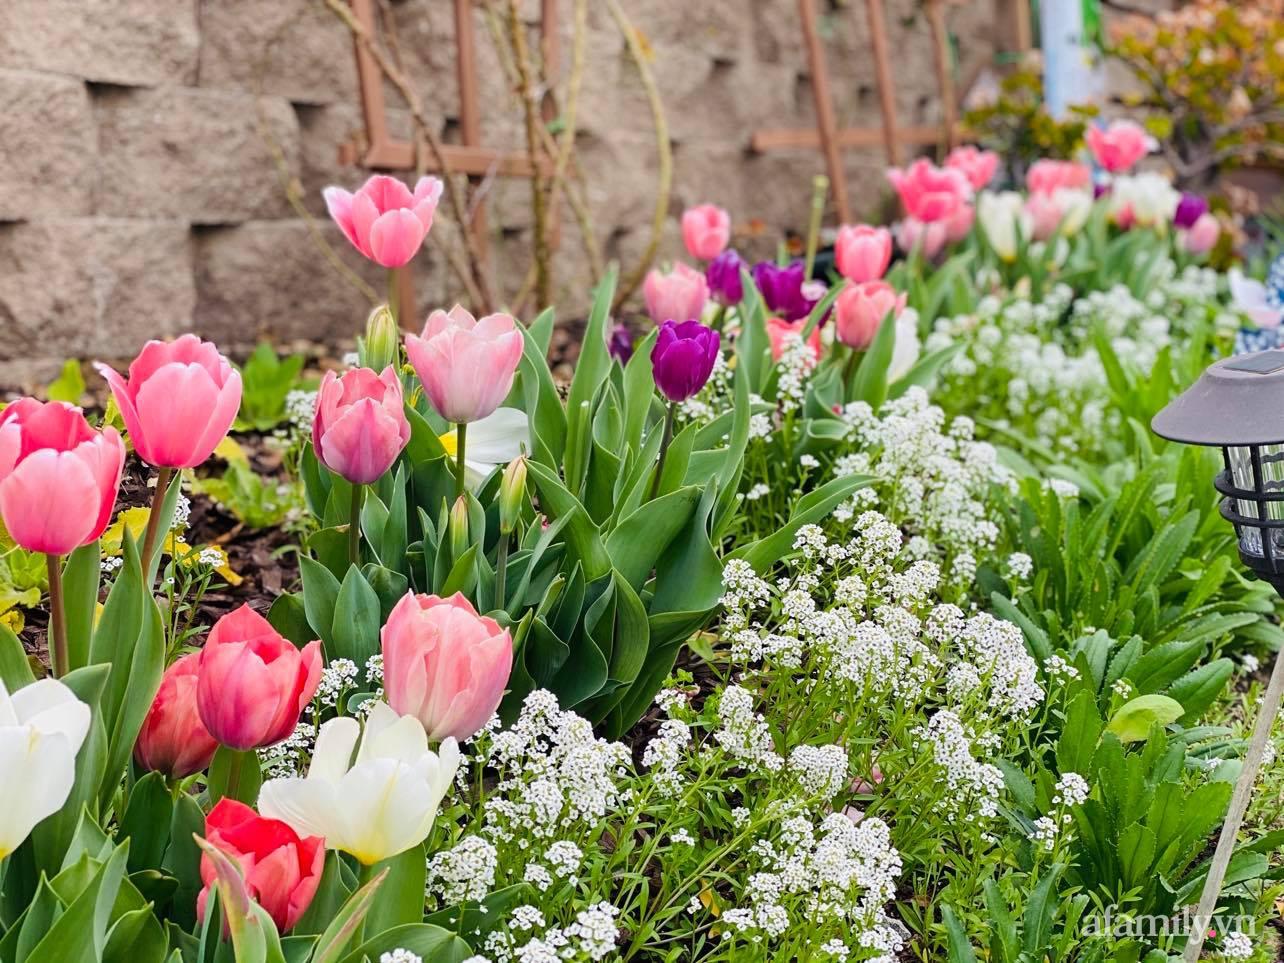 Khu vườn 750m² muôn hoa khoe sắc tỏa hương của mẹ Việt thức đêm chăm cây ở Mỹ - Ảnh 6.